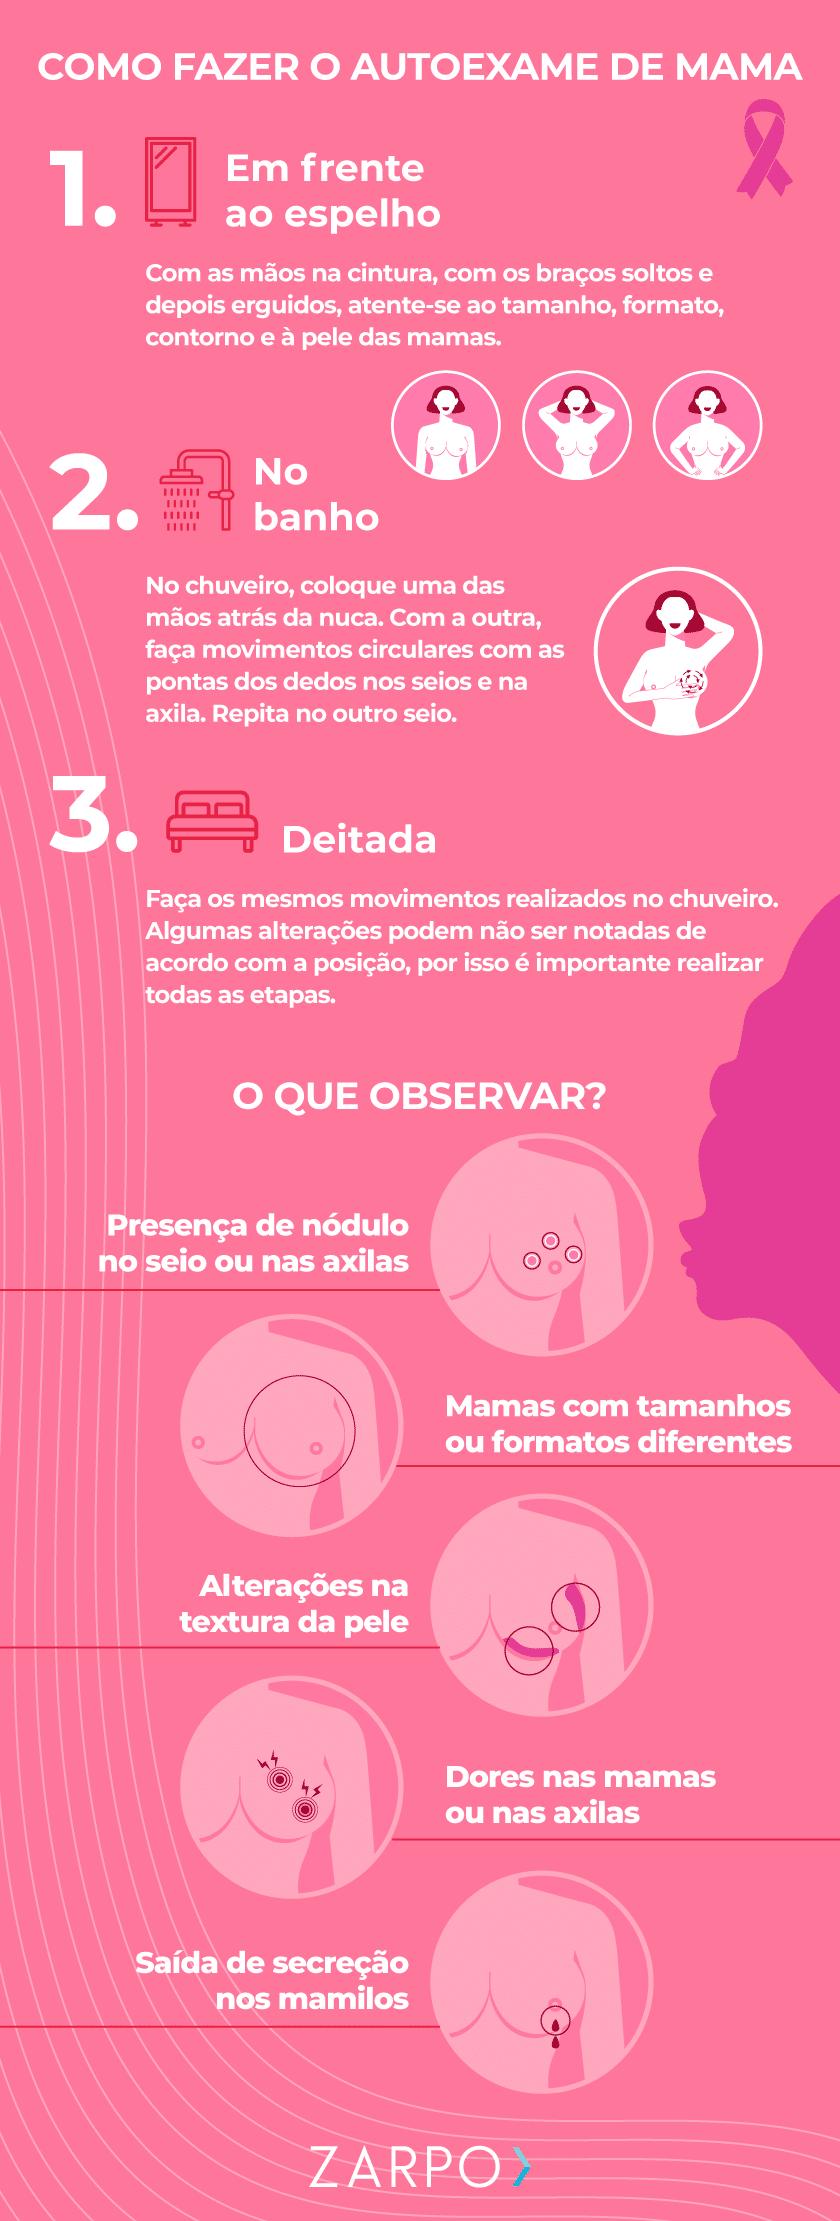 Infográfico. Como fazer o autoexame de mama? e O que observar no autoexame de mama?